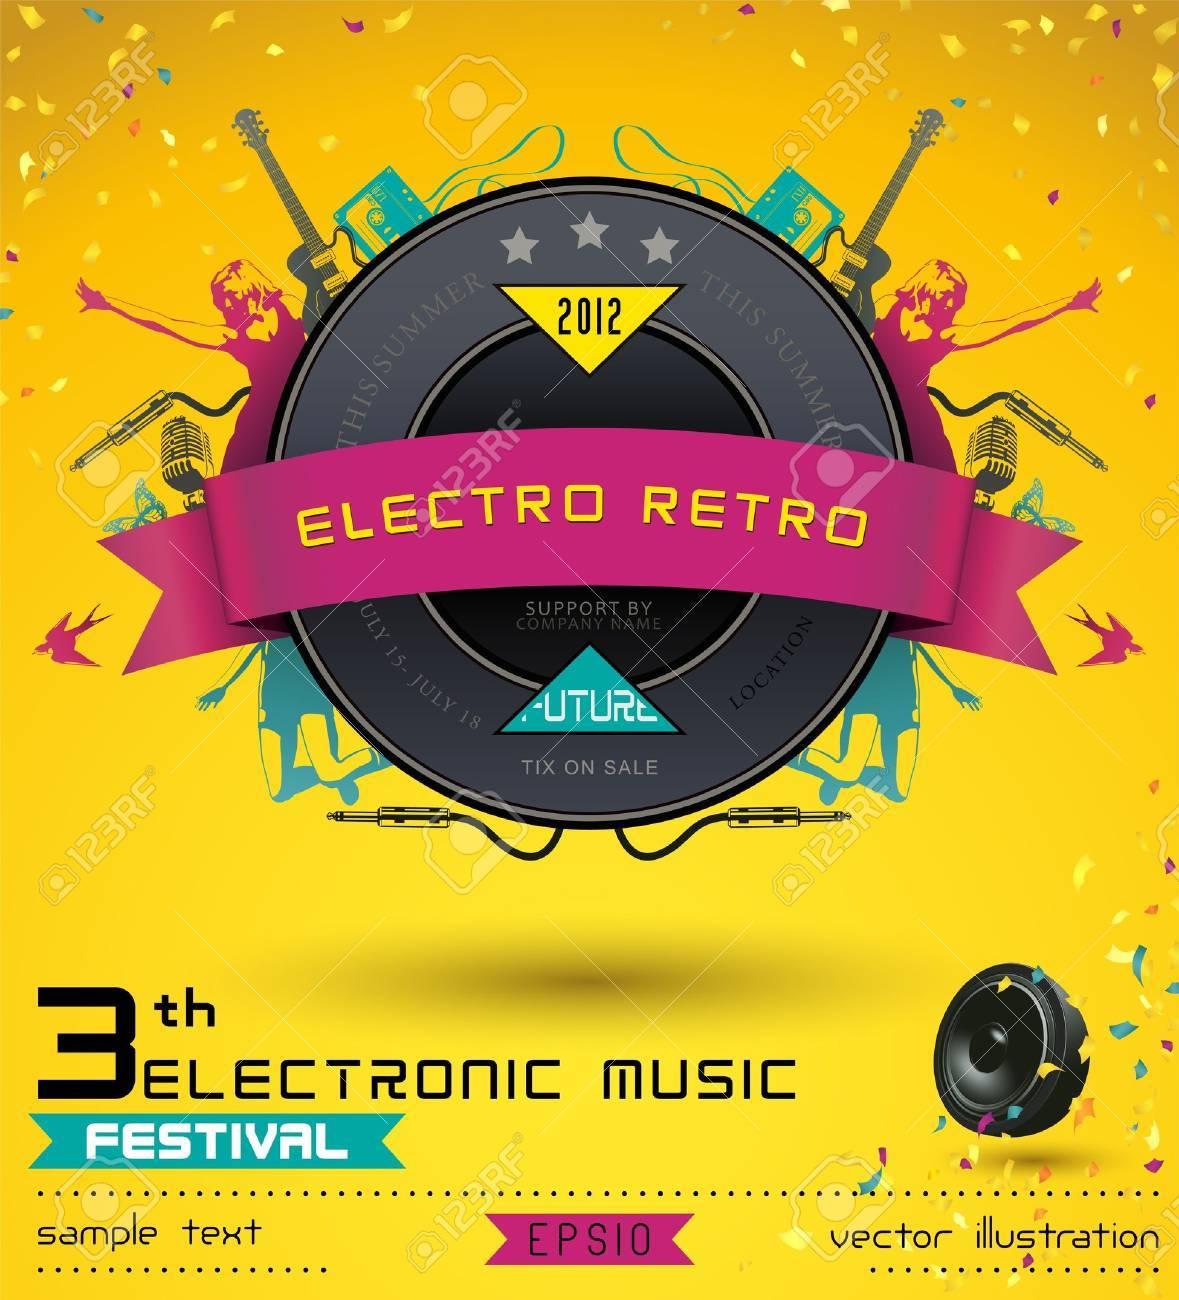 Music concept retro poster template royalty free cliparts vectors music concept retro poster template stock vector 14965925 maxwellsz